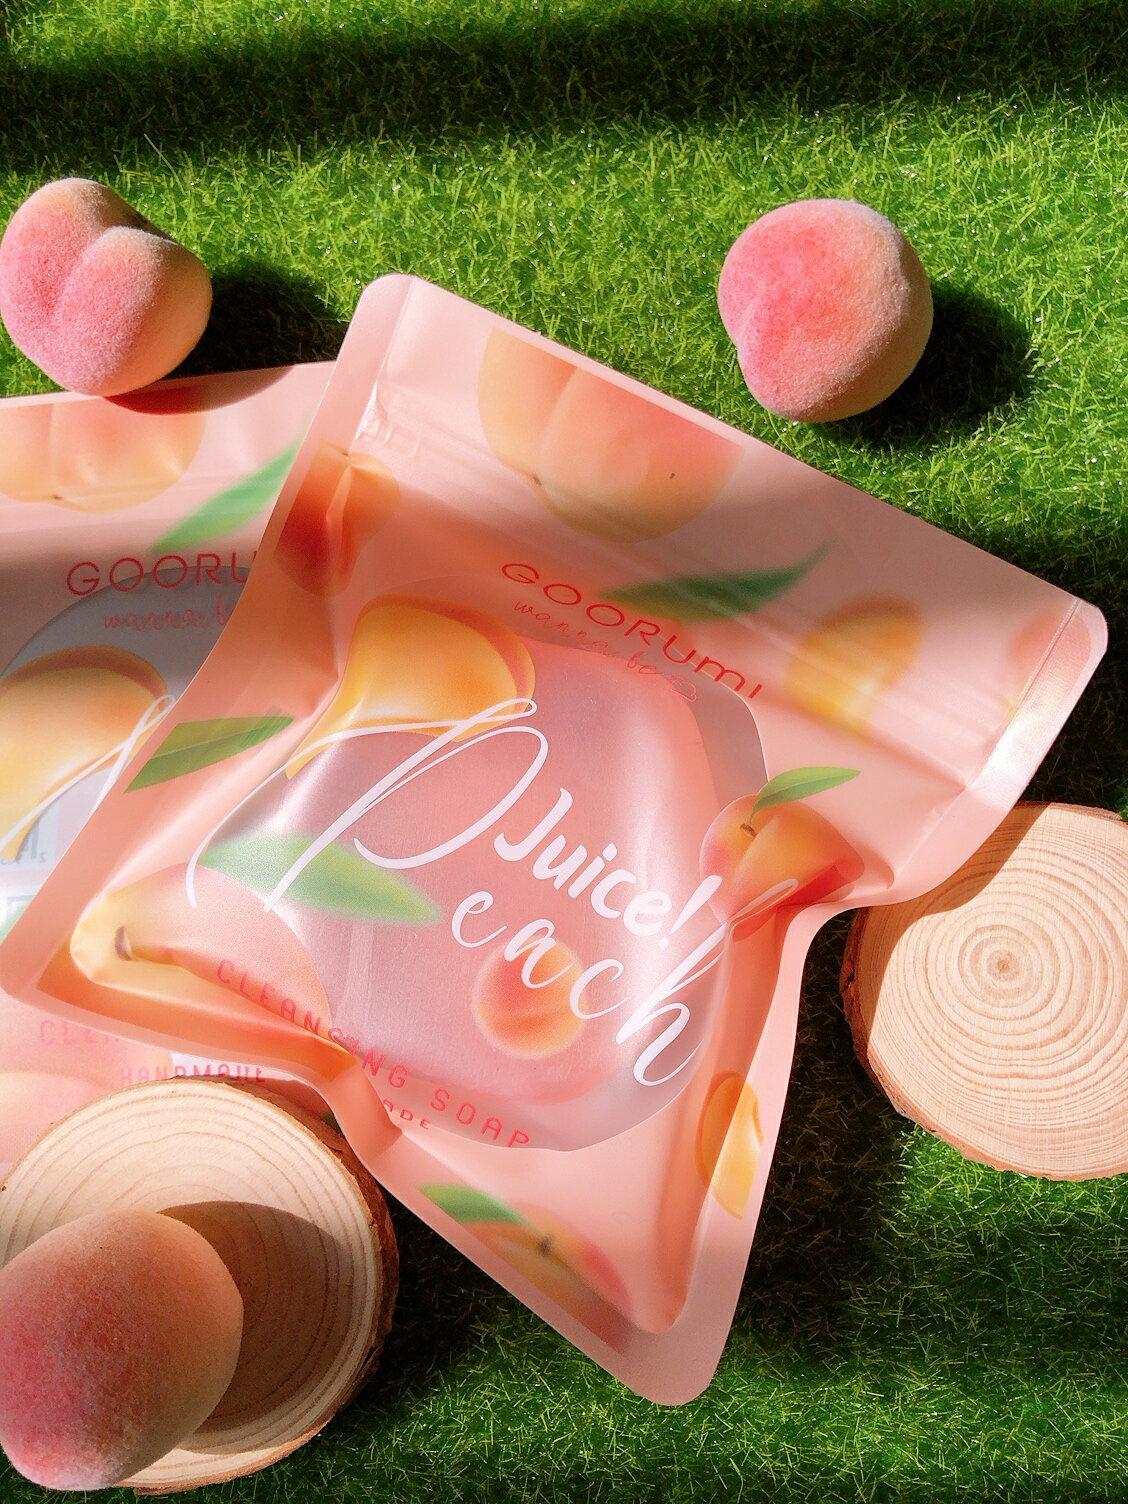 〔讓我皂顧你〕蜜桃輕顏皂+天然潔膚蒟蒻球-2入組 臉部保養 / 美容皂 / 手工洗臉皂 / 保濕 / 敏感肌可用 / 去角質 / 毛孔清潔 / 代謝老廢角質 / 環保材質 2